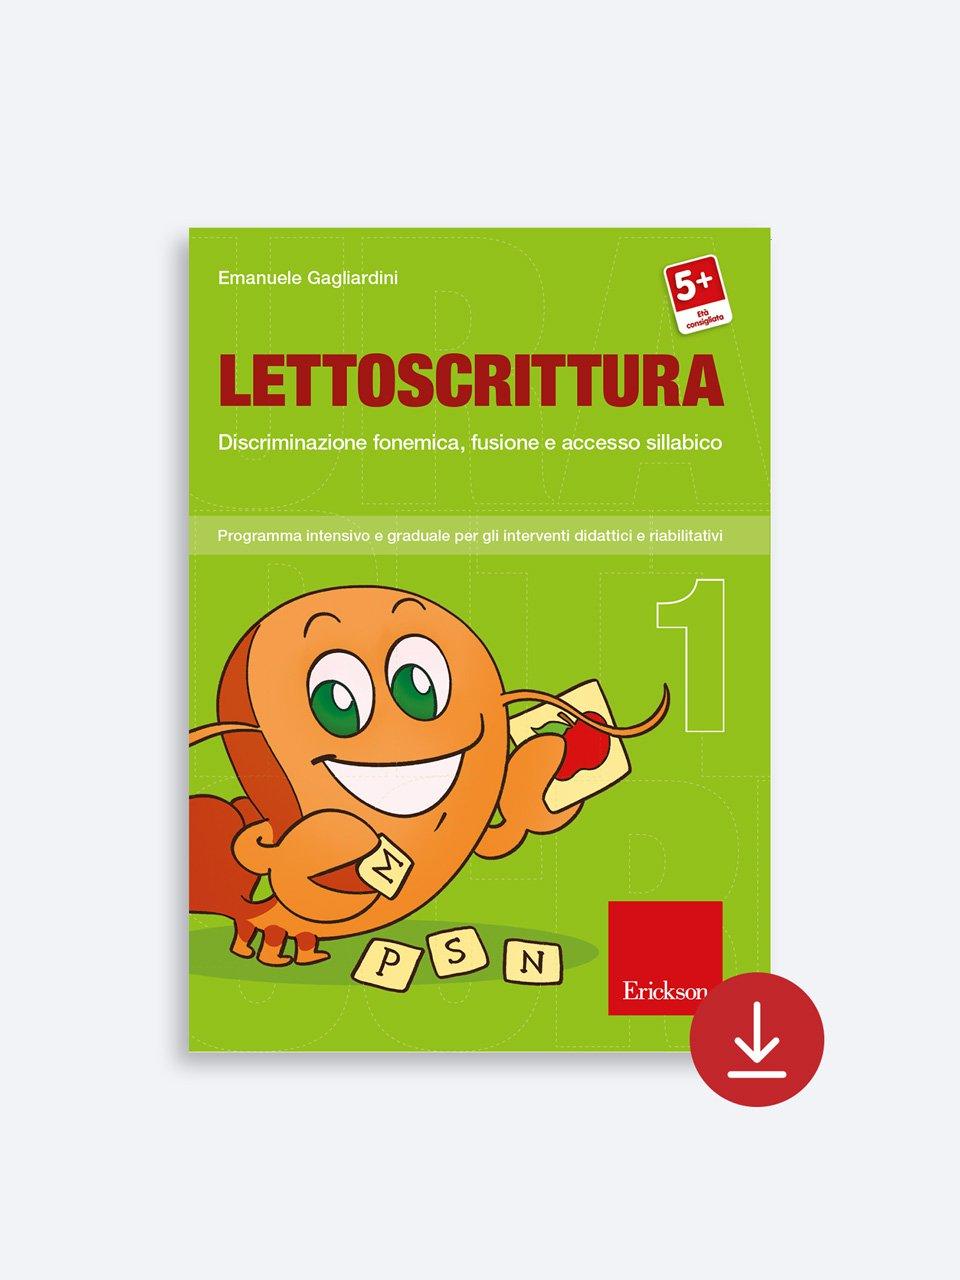 LETTOSCRITTURA - Volume 1 - RECUPERO IN... Abilità di lettura 2 - Libri - App e software - Erickson 3